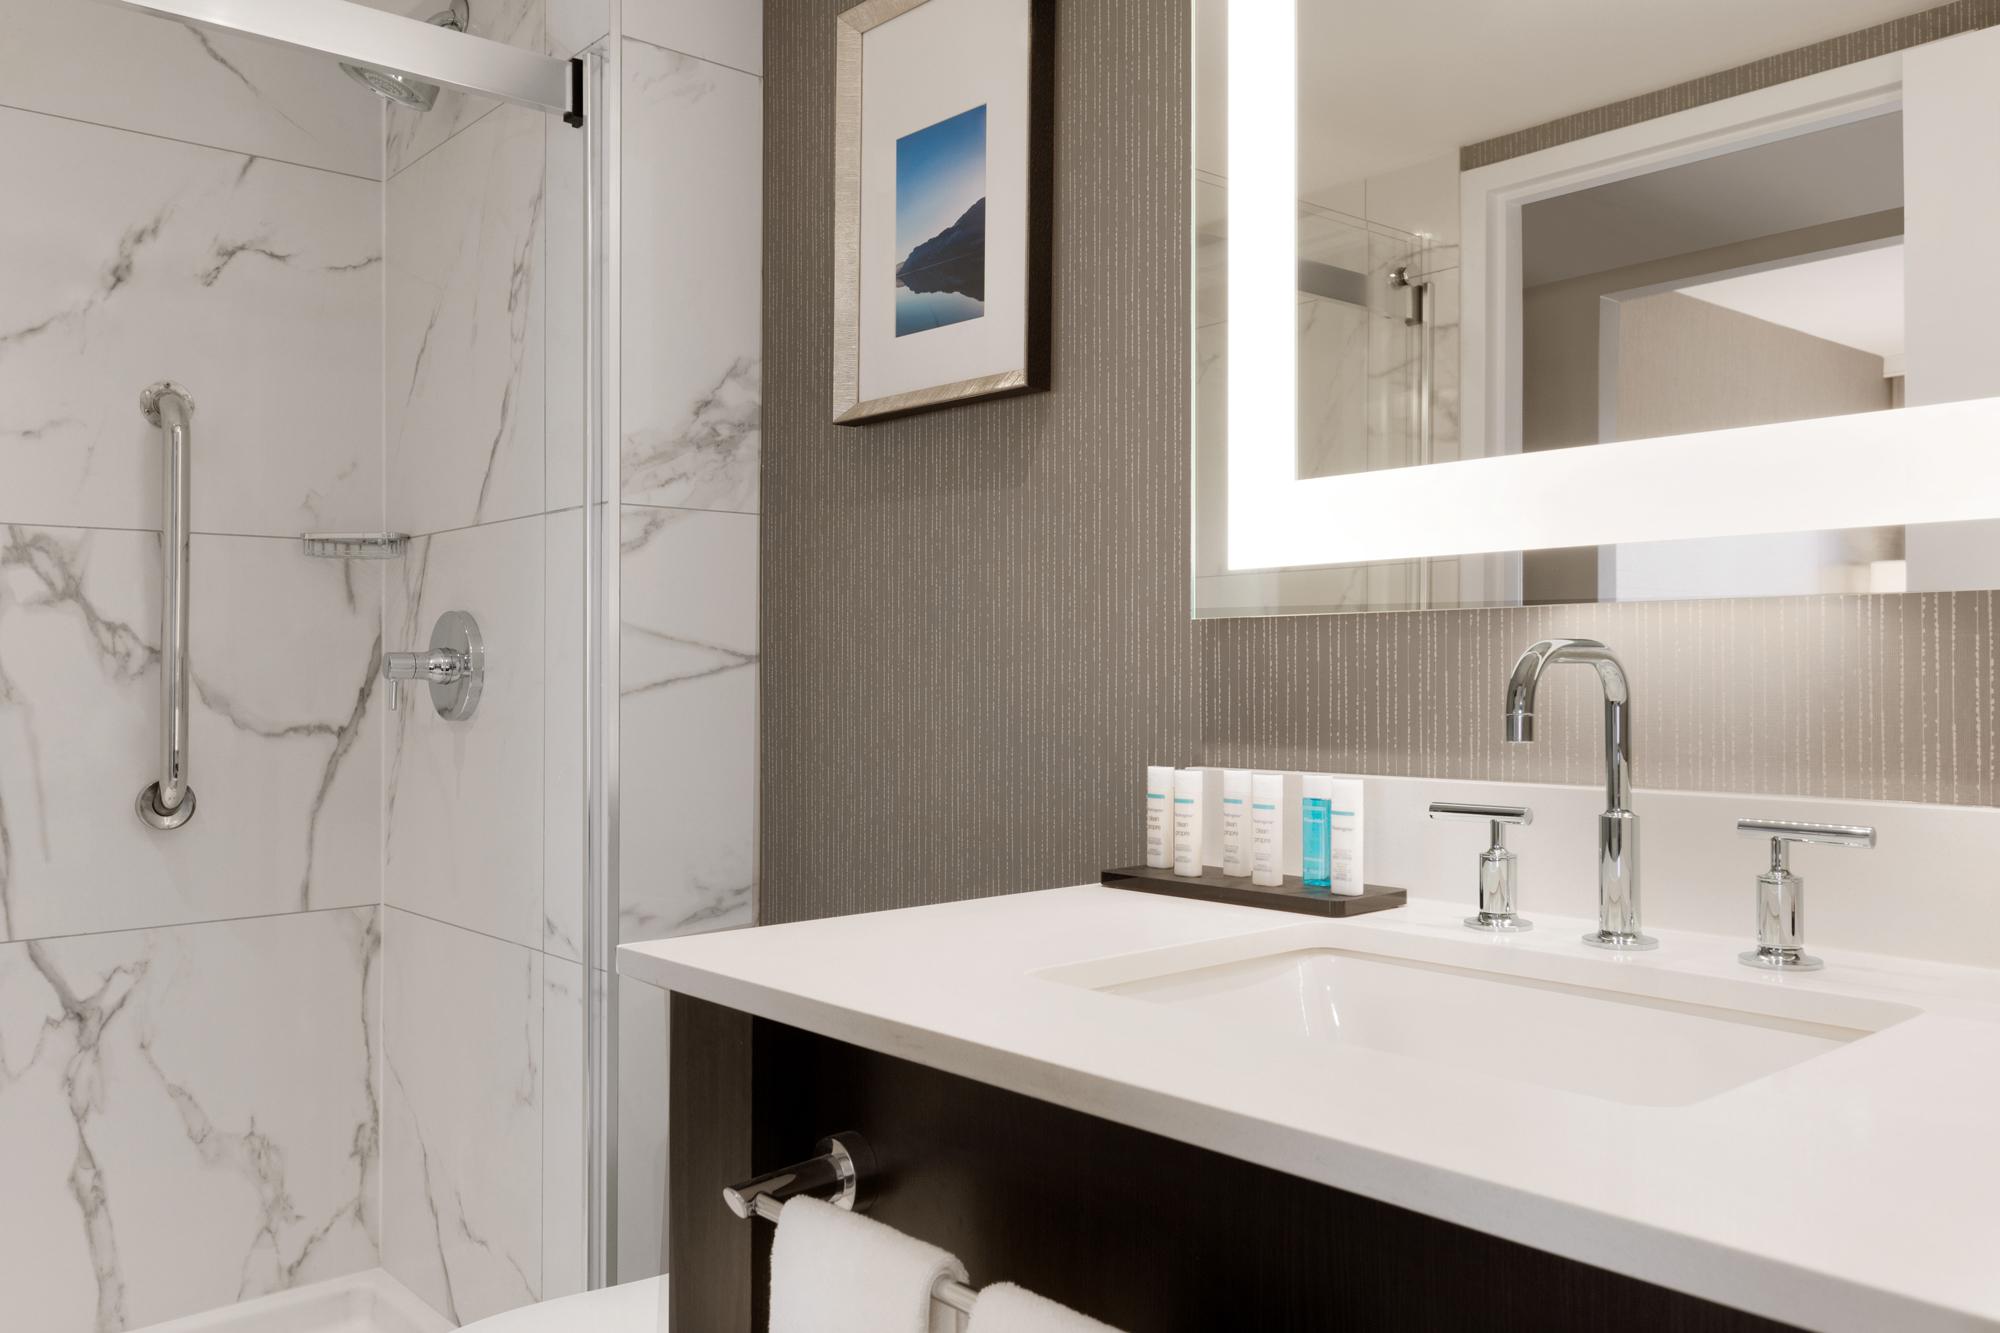 YYZES_Guestroom_Bathroom_01.jpg